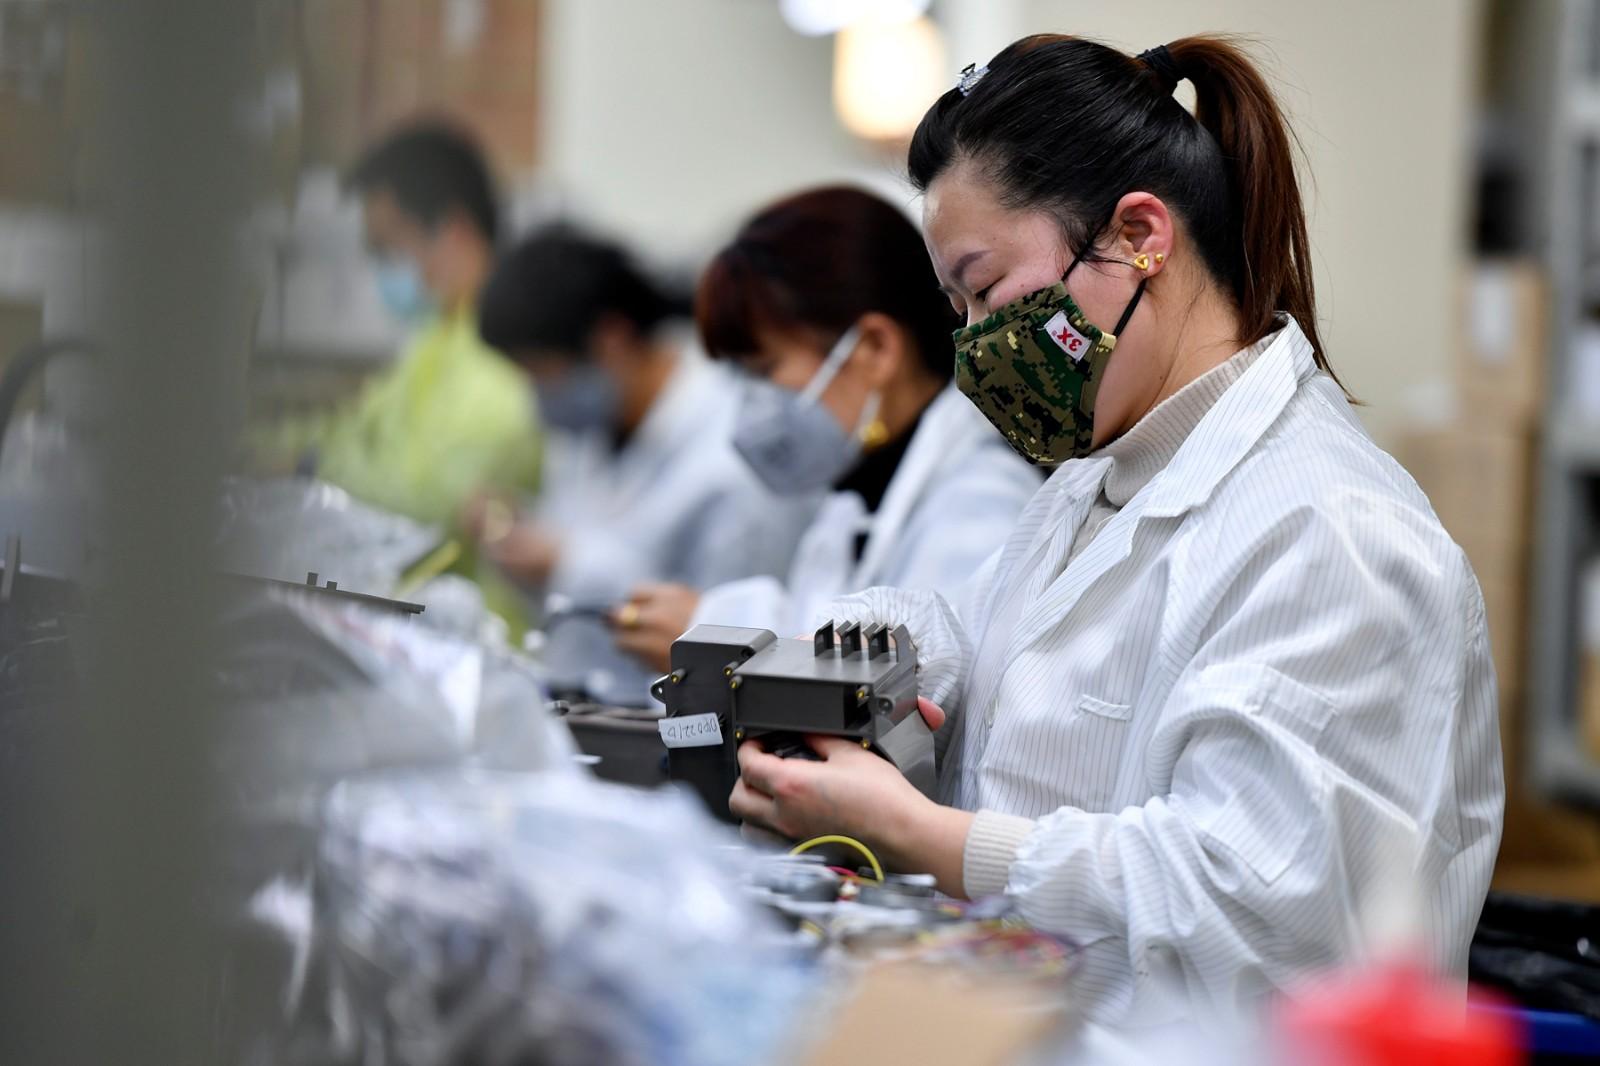 湖南明康中锦医疗科技发展有限公司生产车间内,员工们正忙着组装零部件。长沙晚报全媒体记者 王志伟 摄